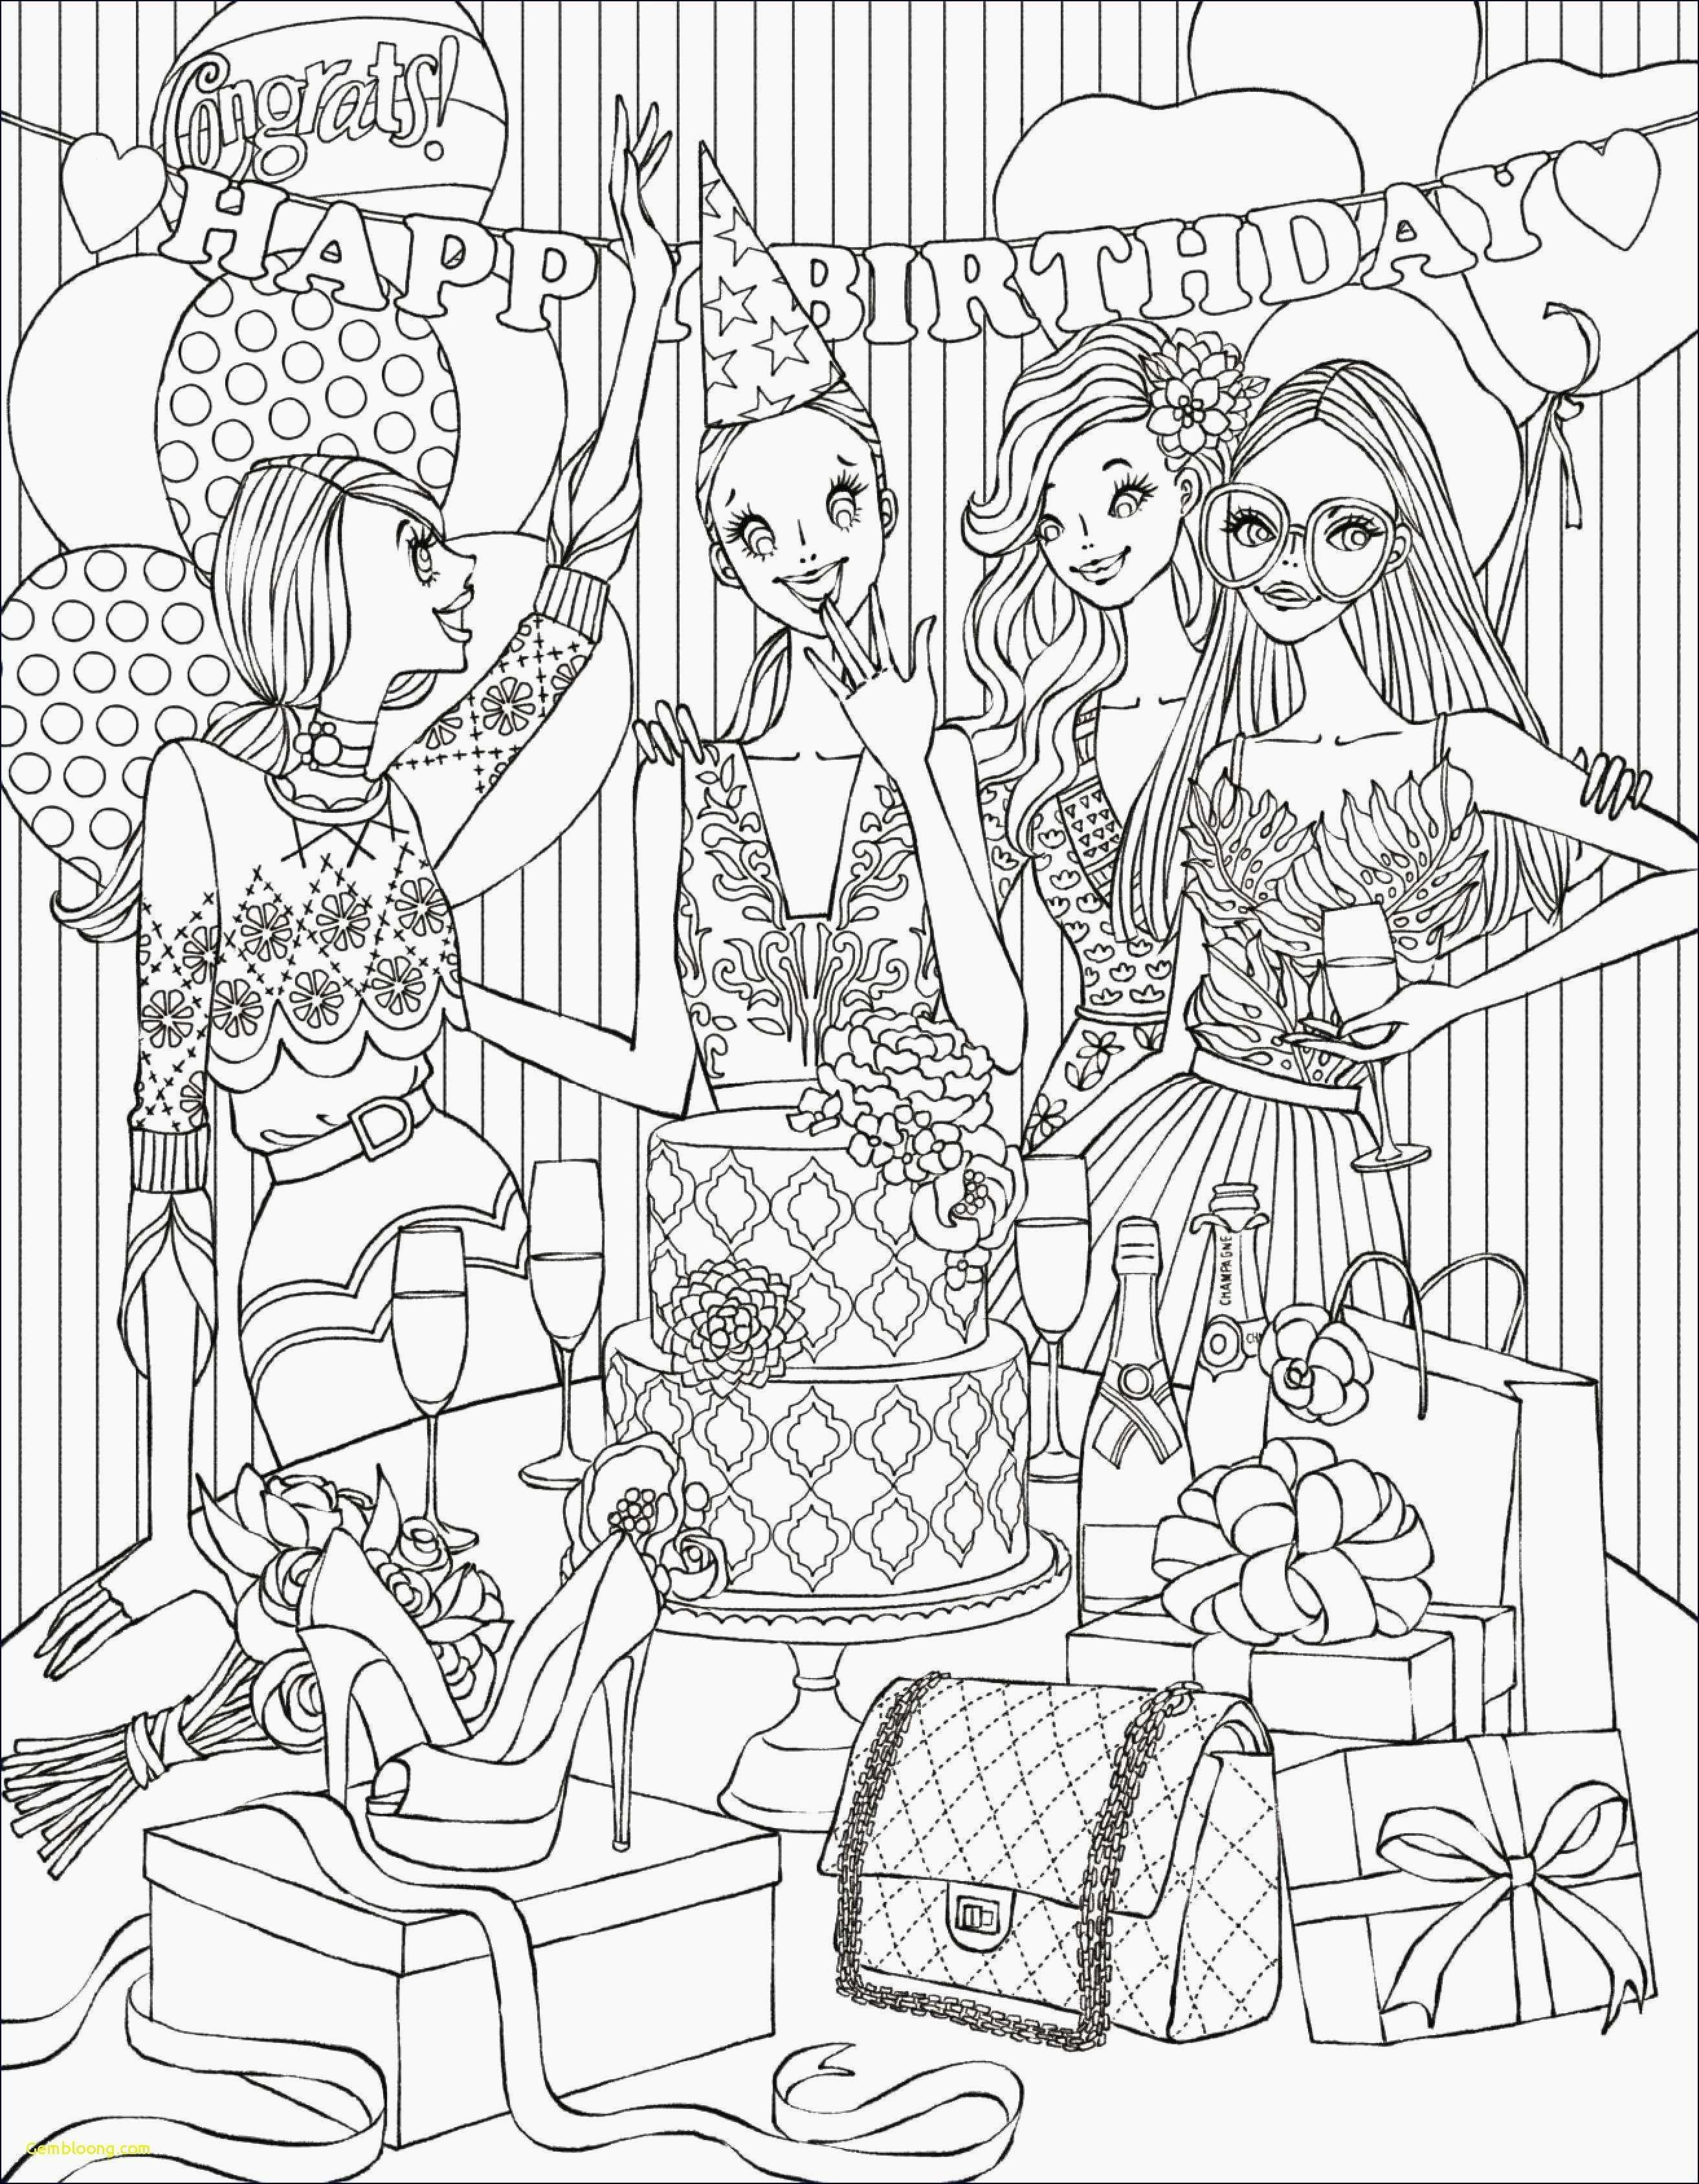 Ausmalbilder Ich Einfach Unverbesserlich Neu Ausmalbilder Manga Meerjungfrau Abbild Malvorlagen Igel Frisch Igel Galerie